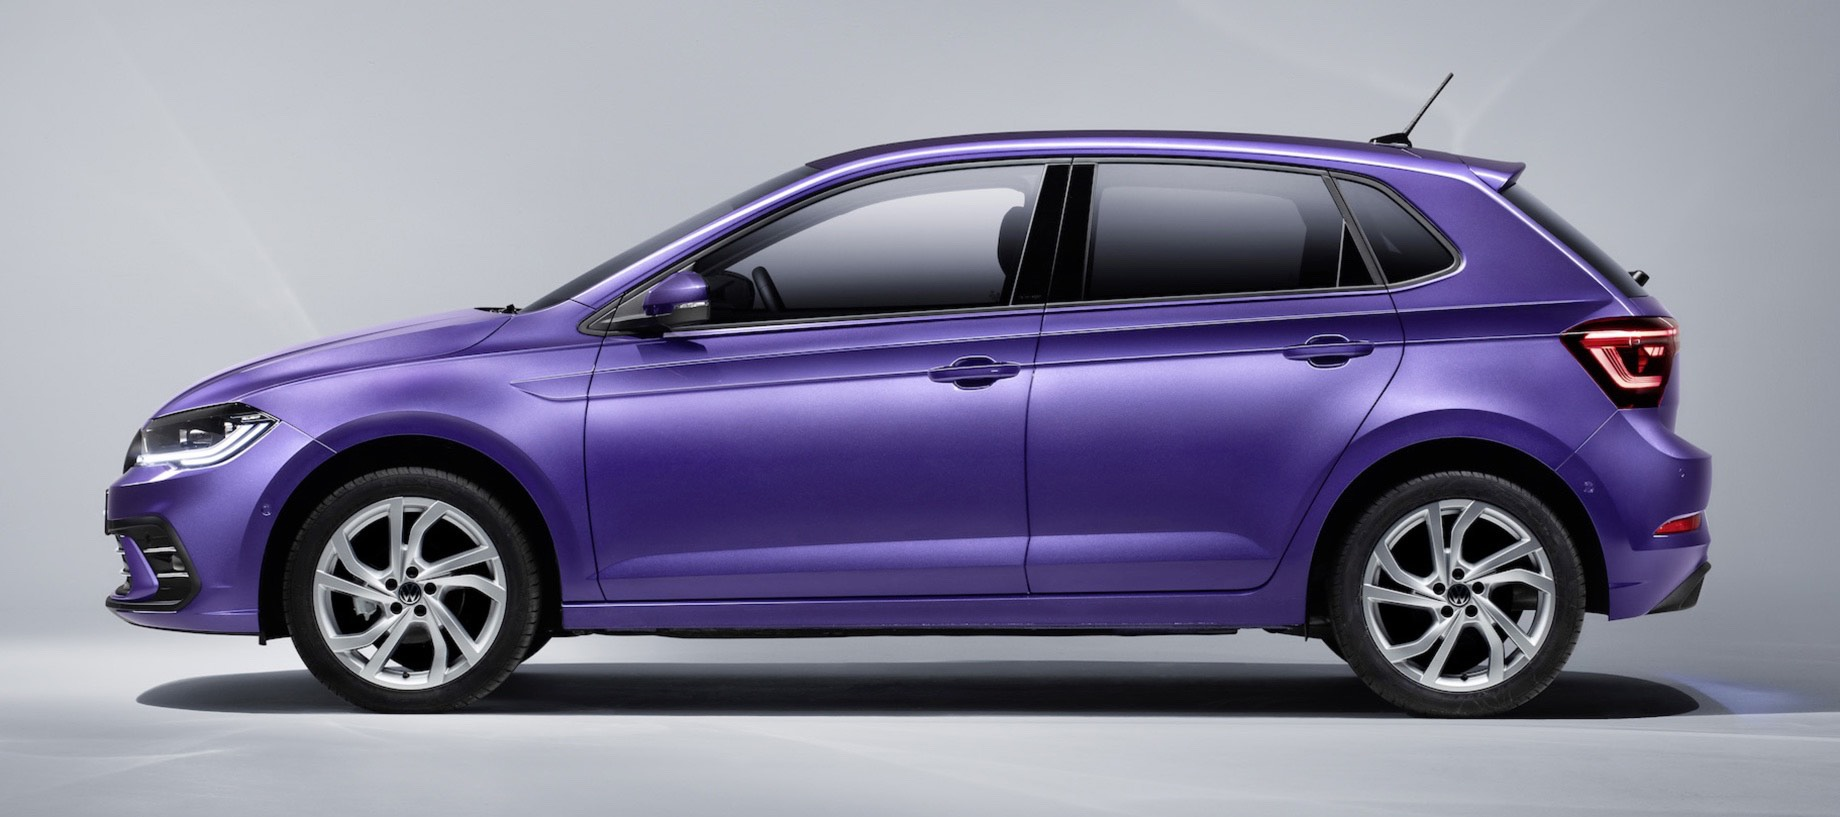 Обновлённый Volkswagen Polo получил шоссейный автопилот